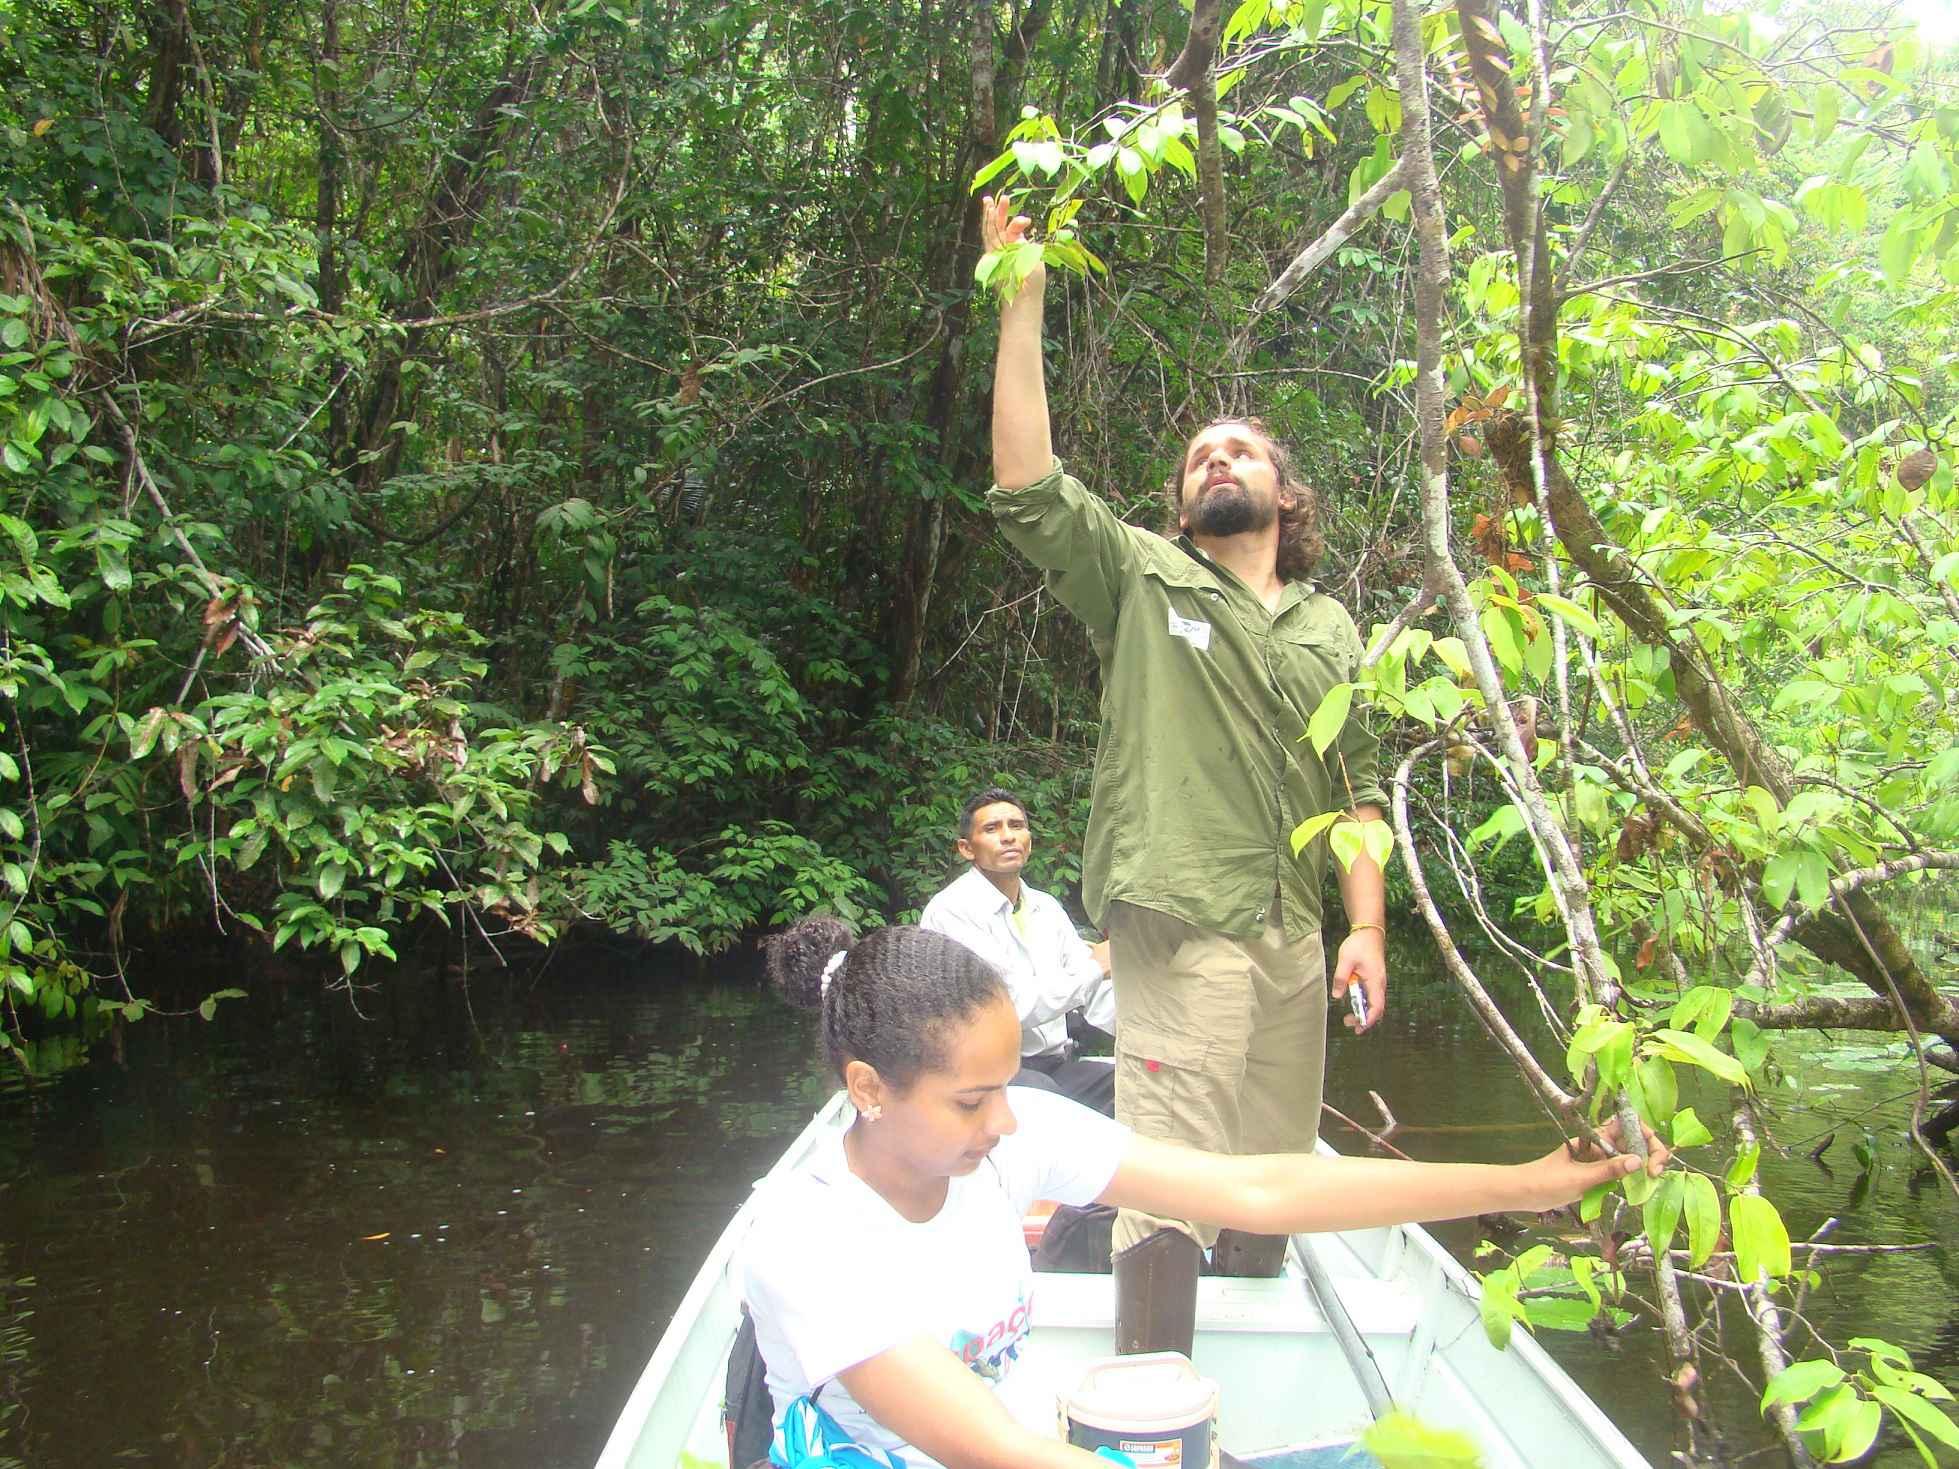 Danilo Neves coleta material na Floresta Nacional de Caxiuanã, no Pará